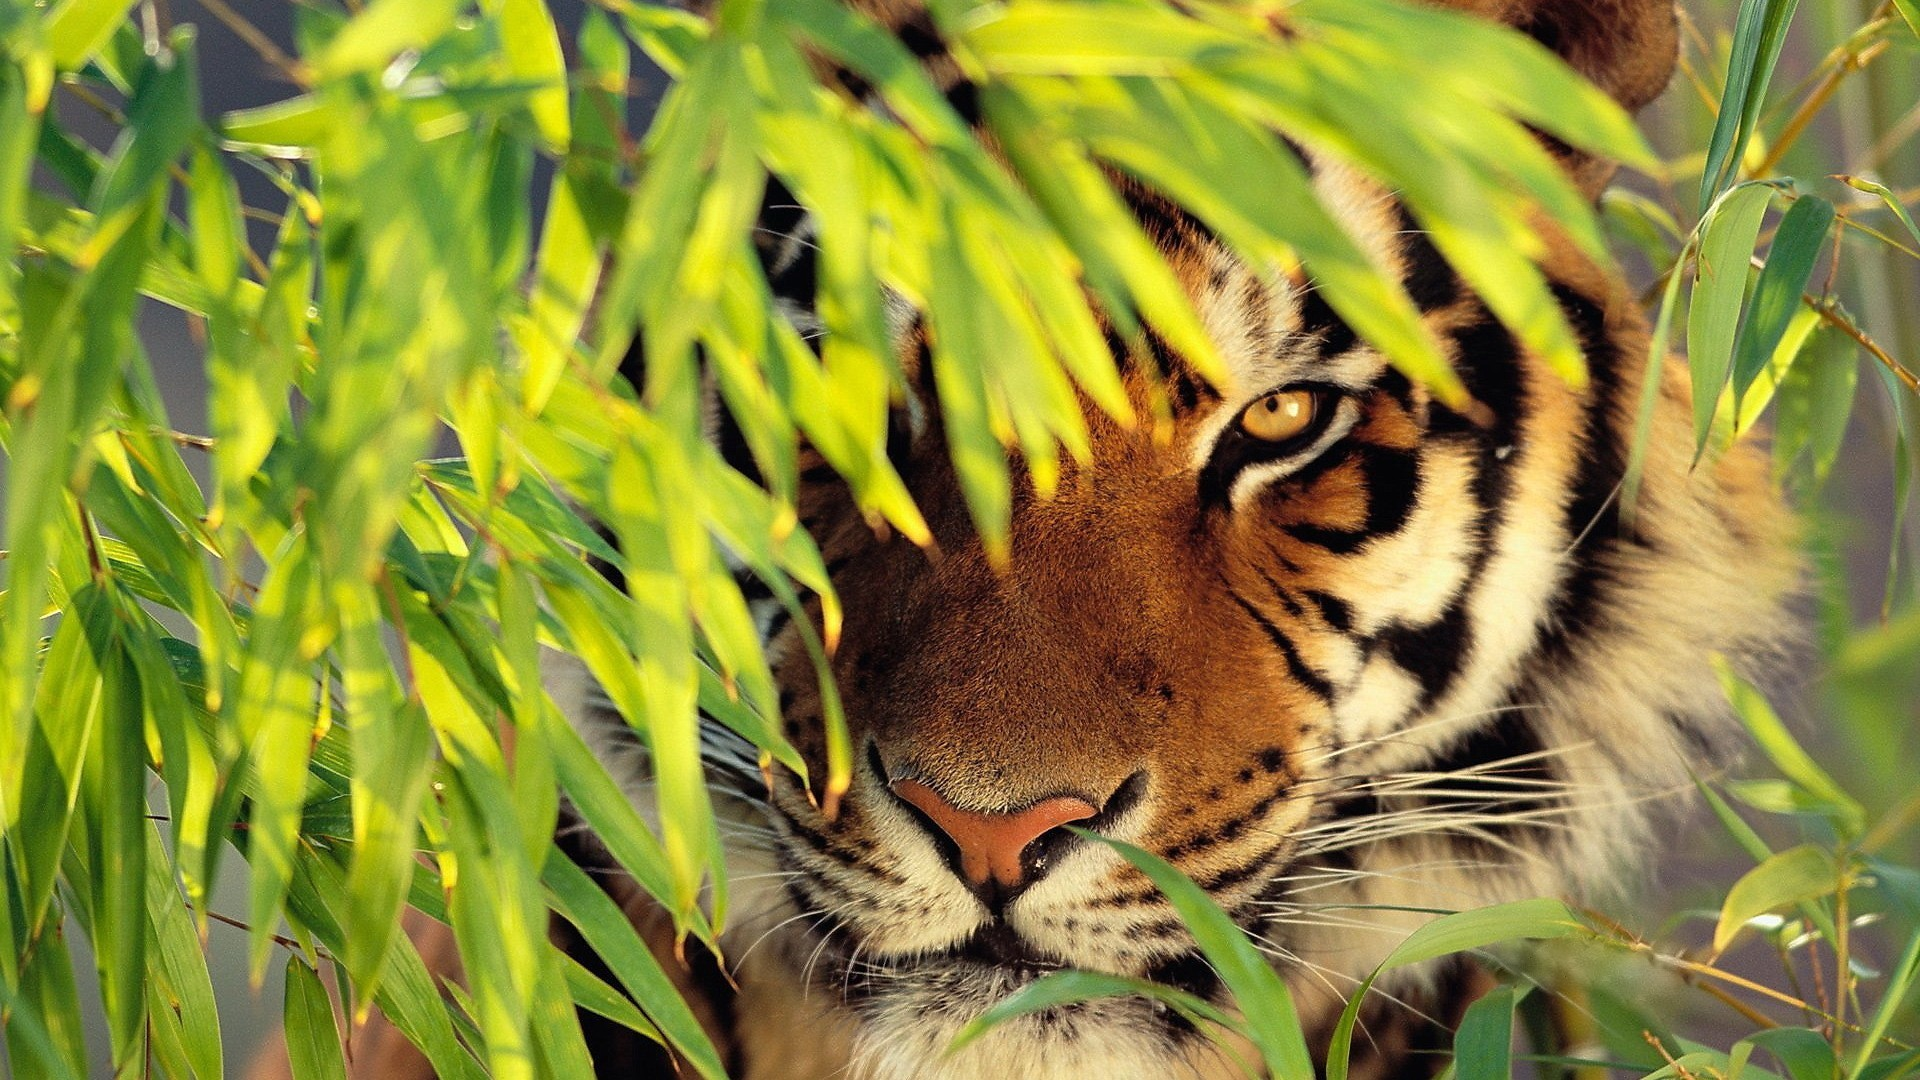 05_tiger_may